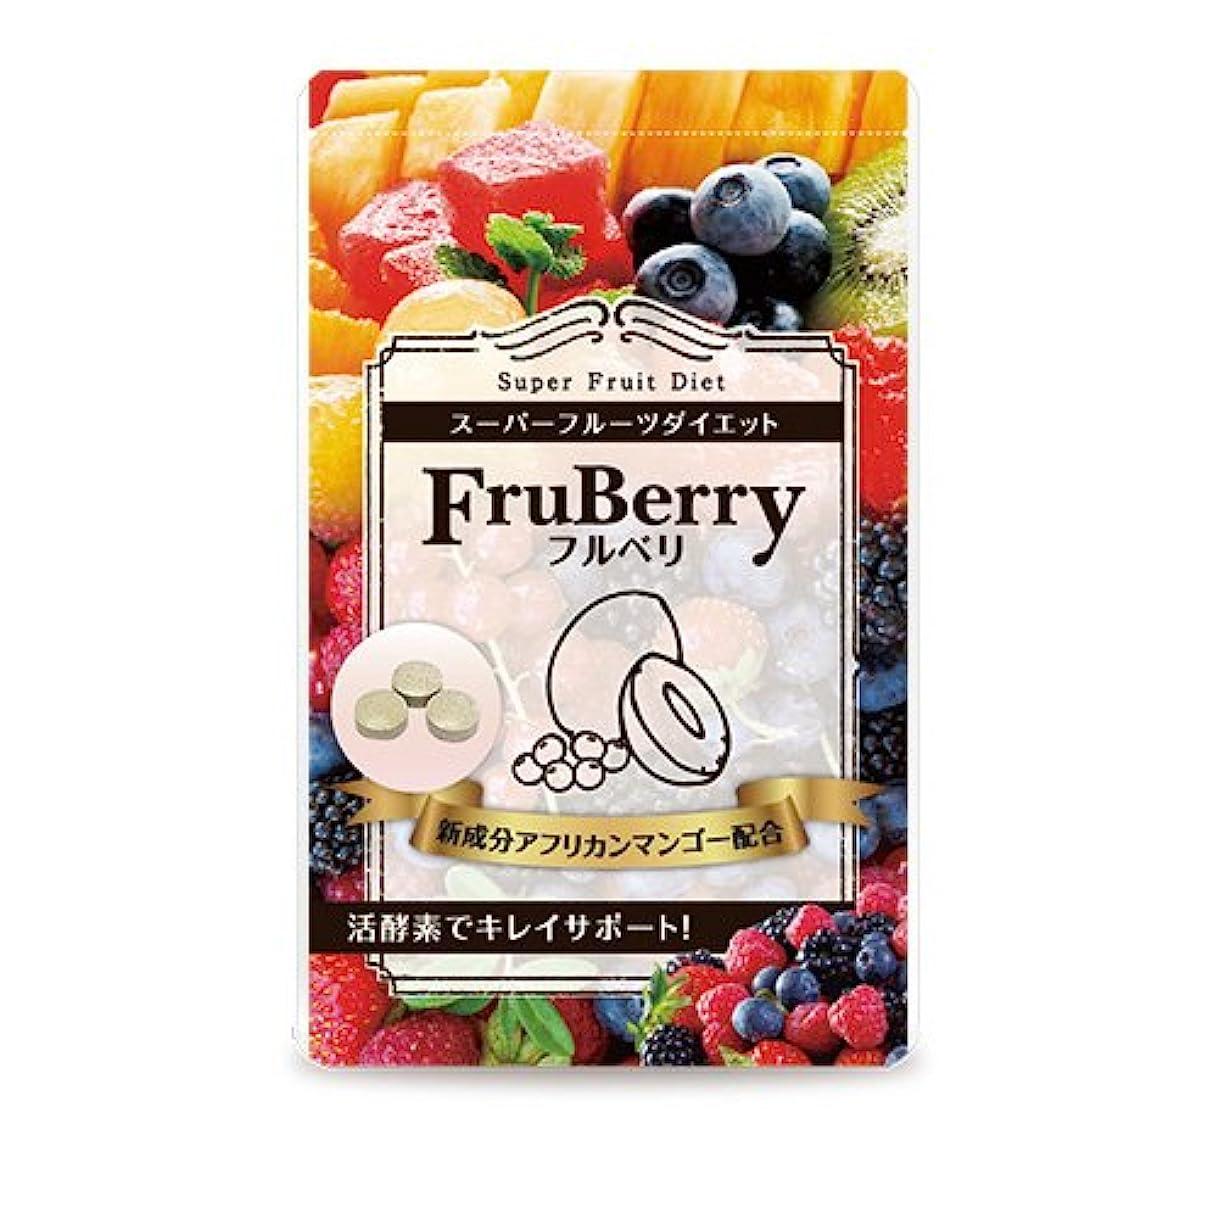 速報栄養盗難フルベリ 5袋セット 約150日分 FruBerry アフリカンマンゴー ベリー類 乳酸菌のサプリ